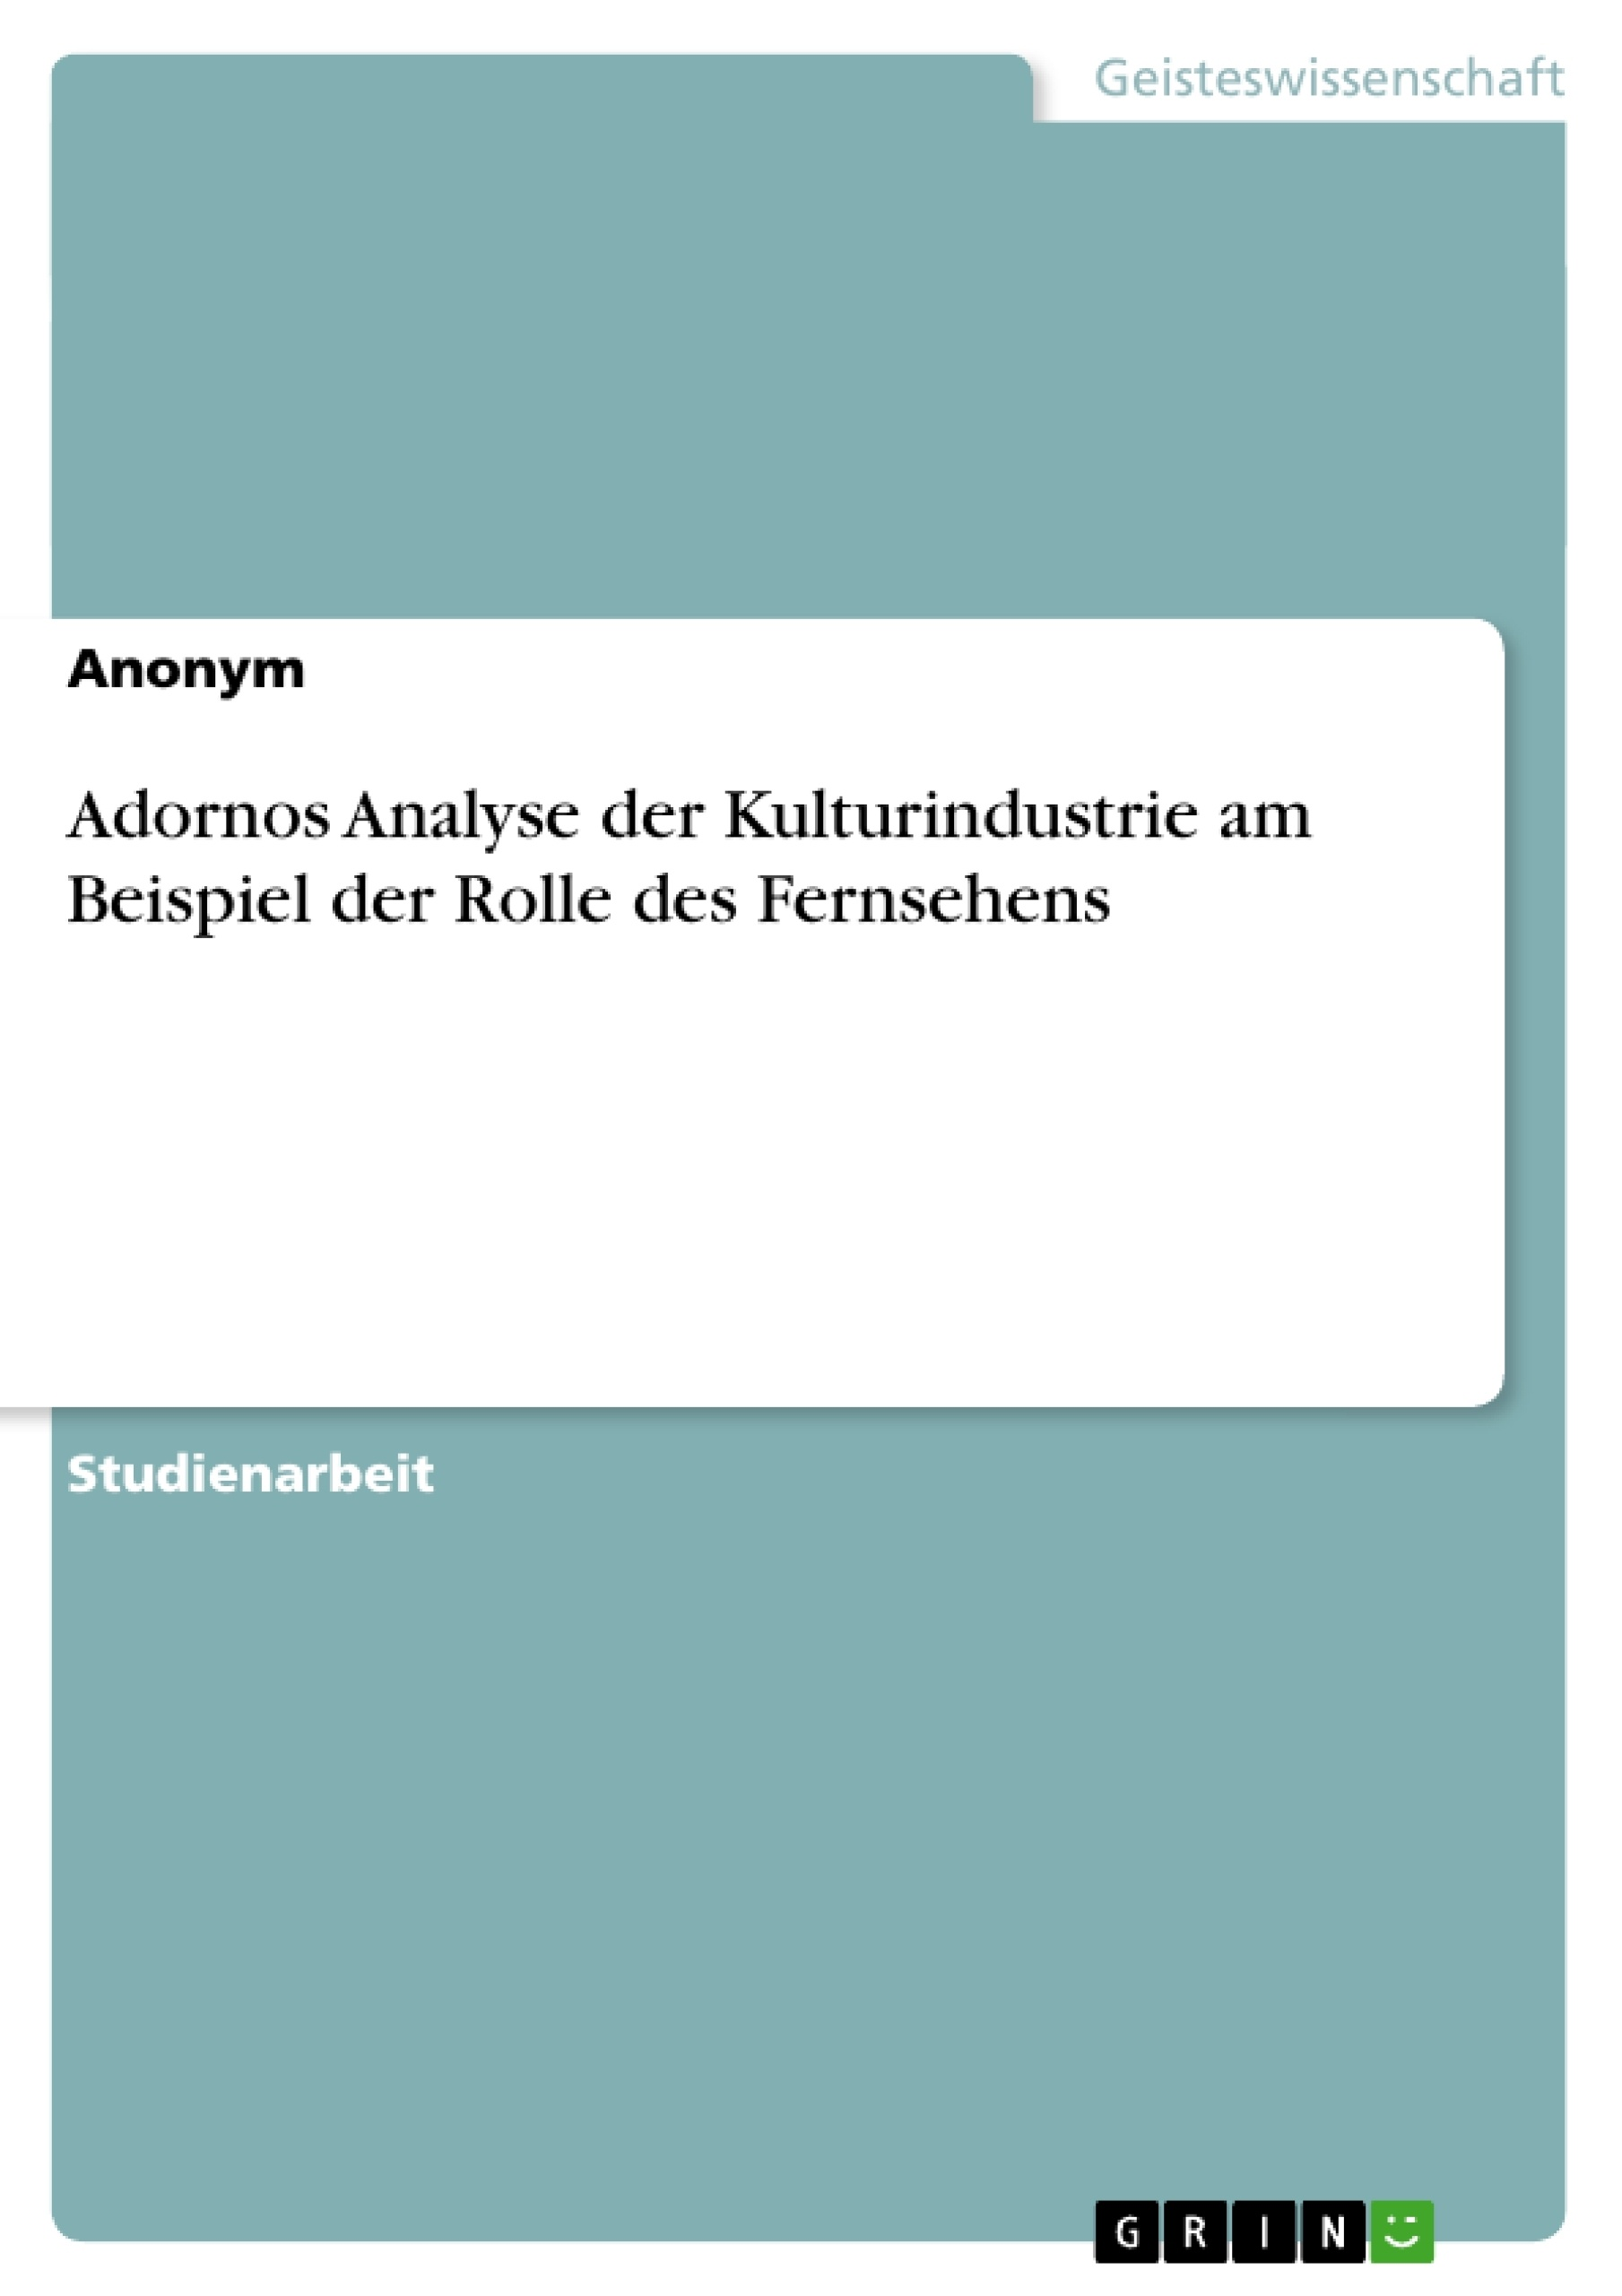 Titel: Adornos Analyse der Kulturindustrie am Beispiel der Rolle des Fernsehens